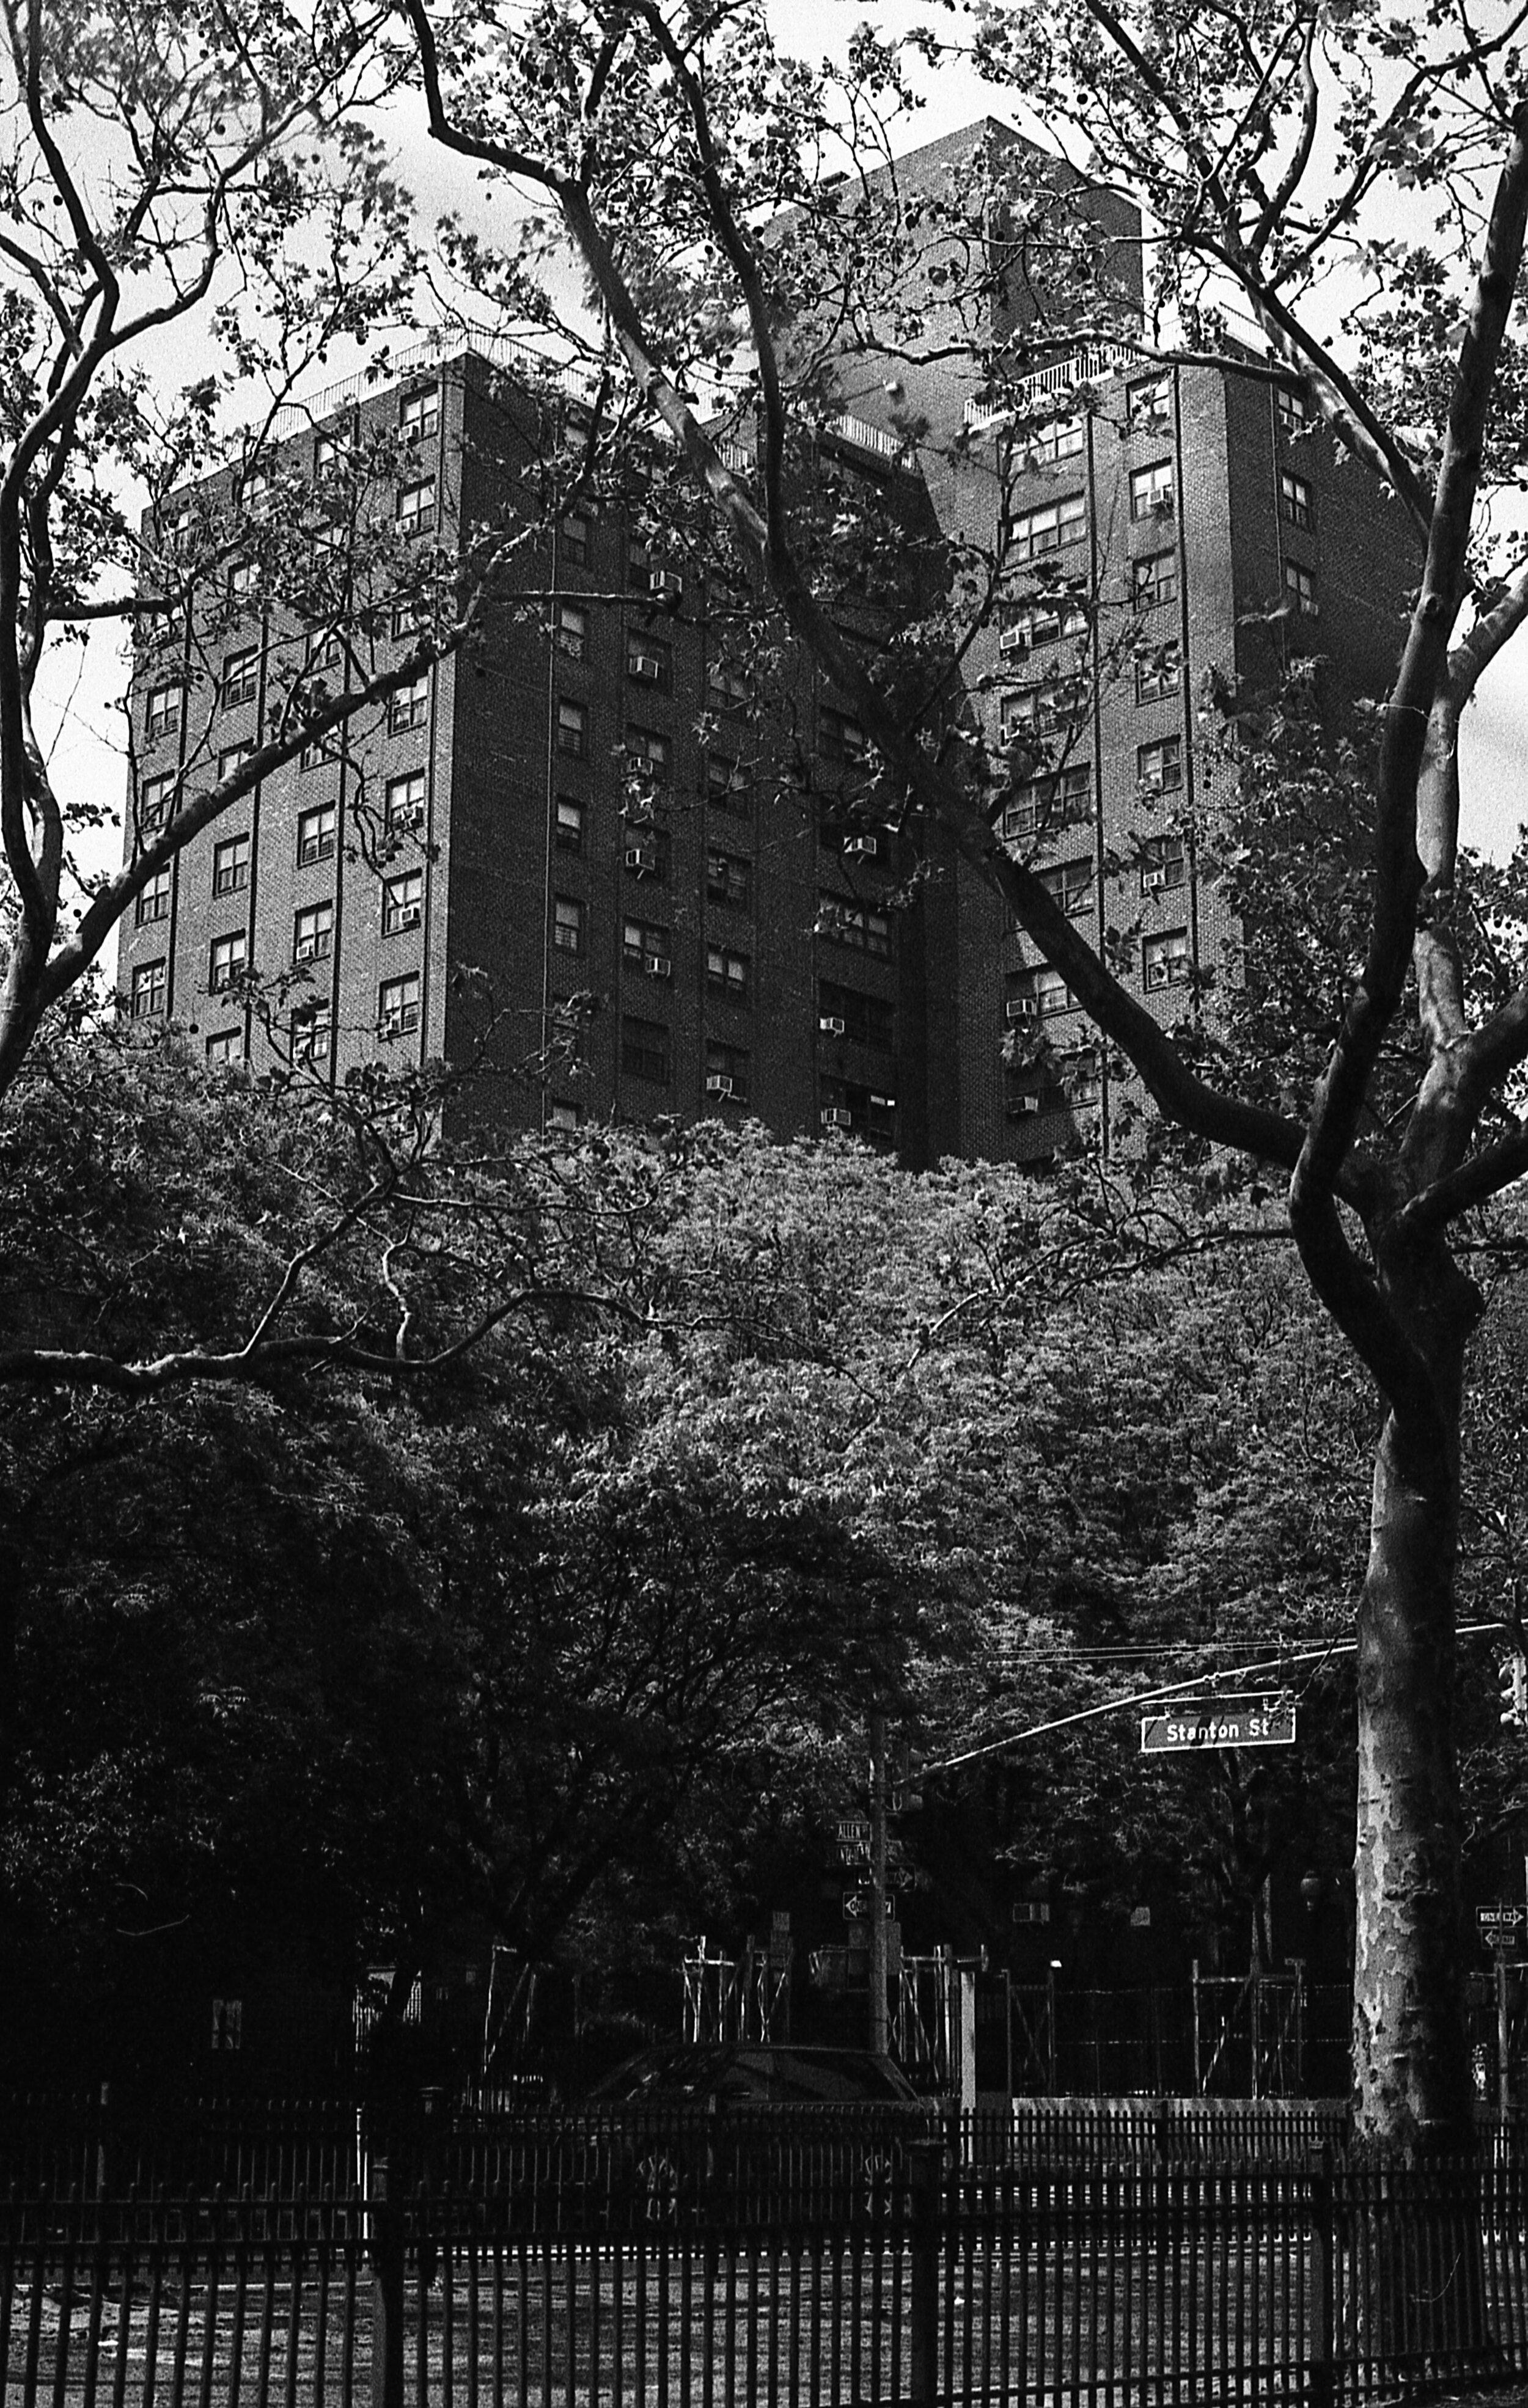 NYTX1816255.jpg